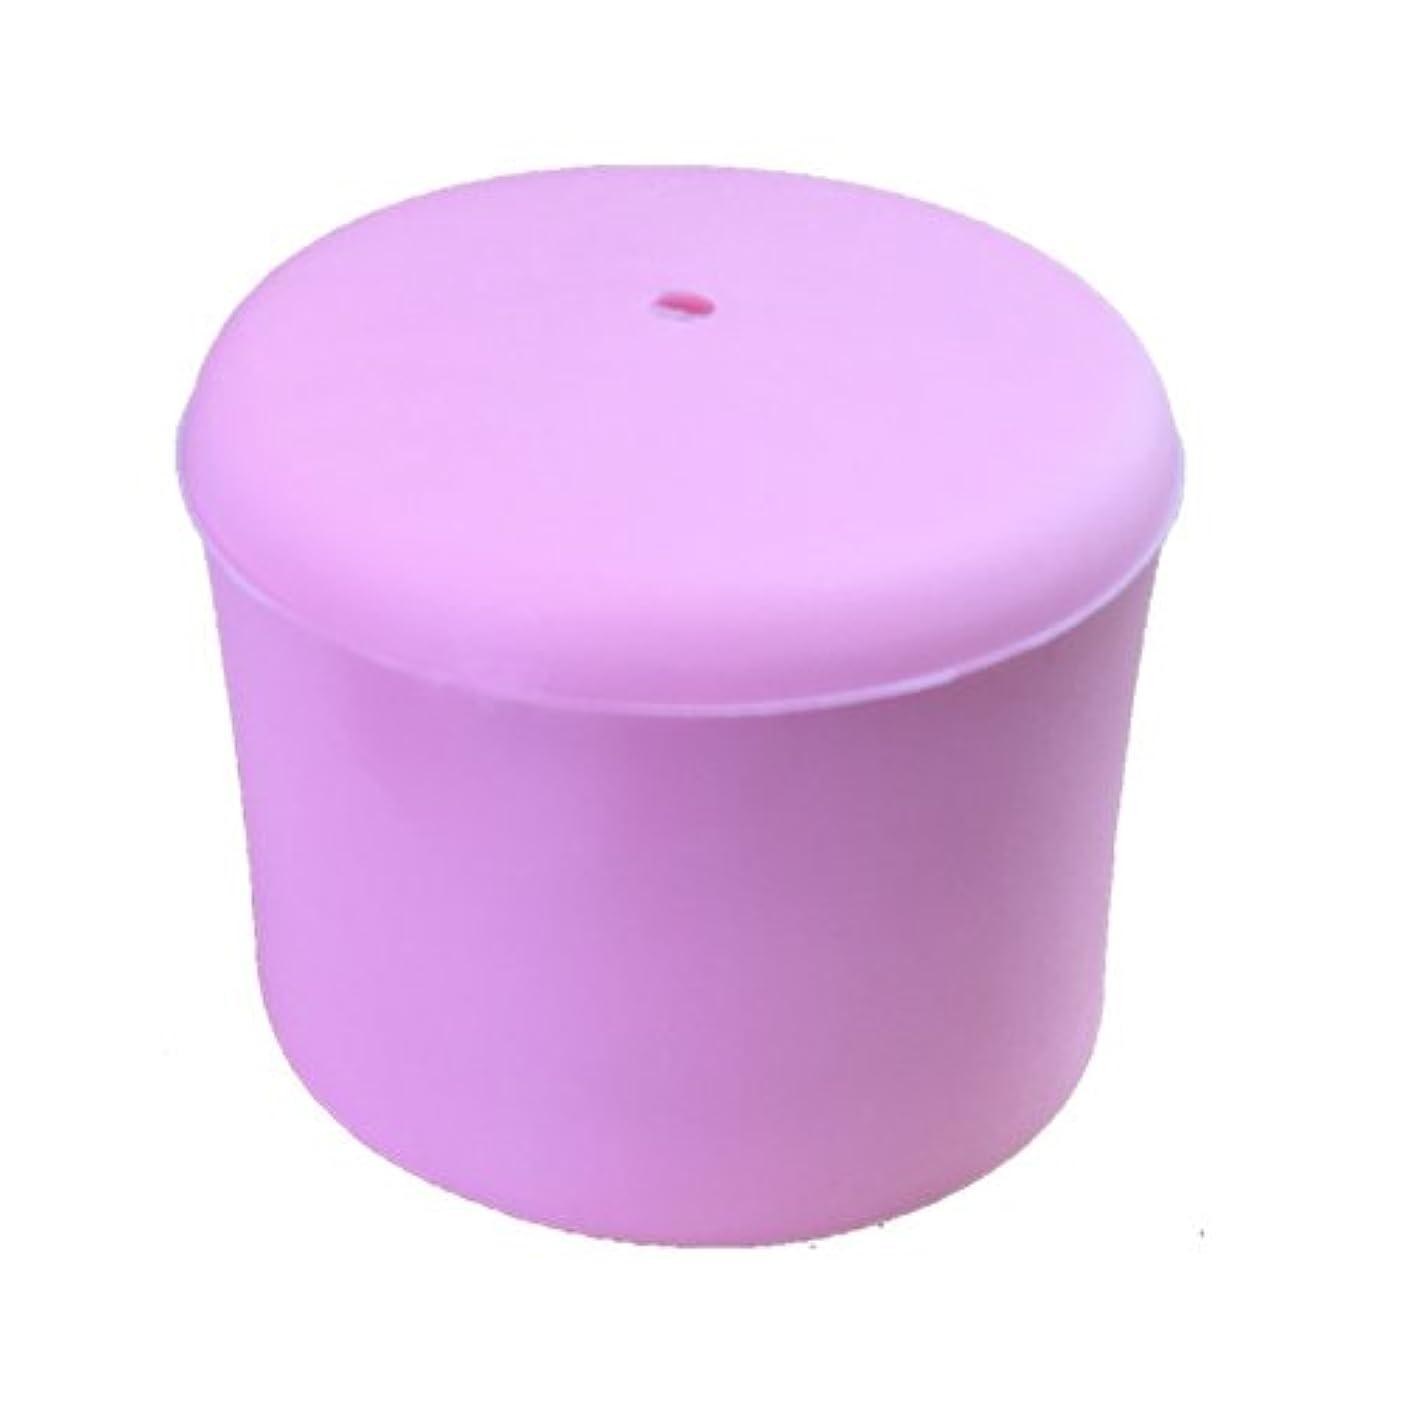 チョップサラダ失礼なNEWフェイシャルリフトアトワンス(ピンク)マウスカバー3個組